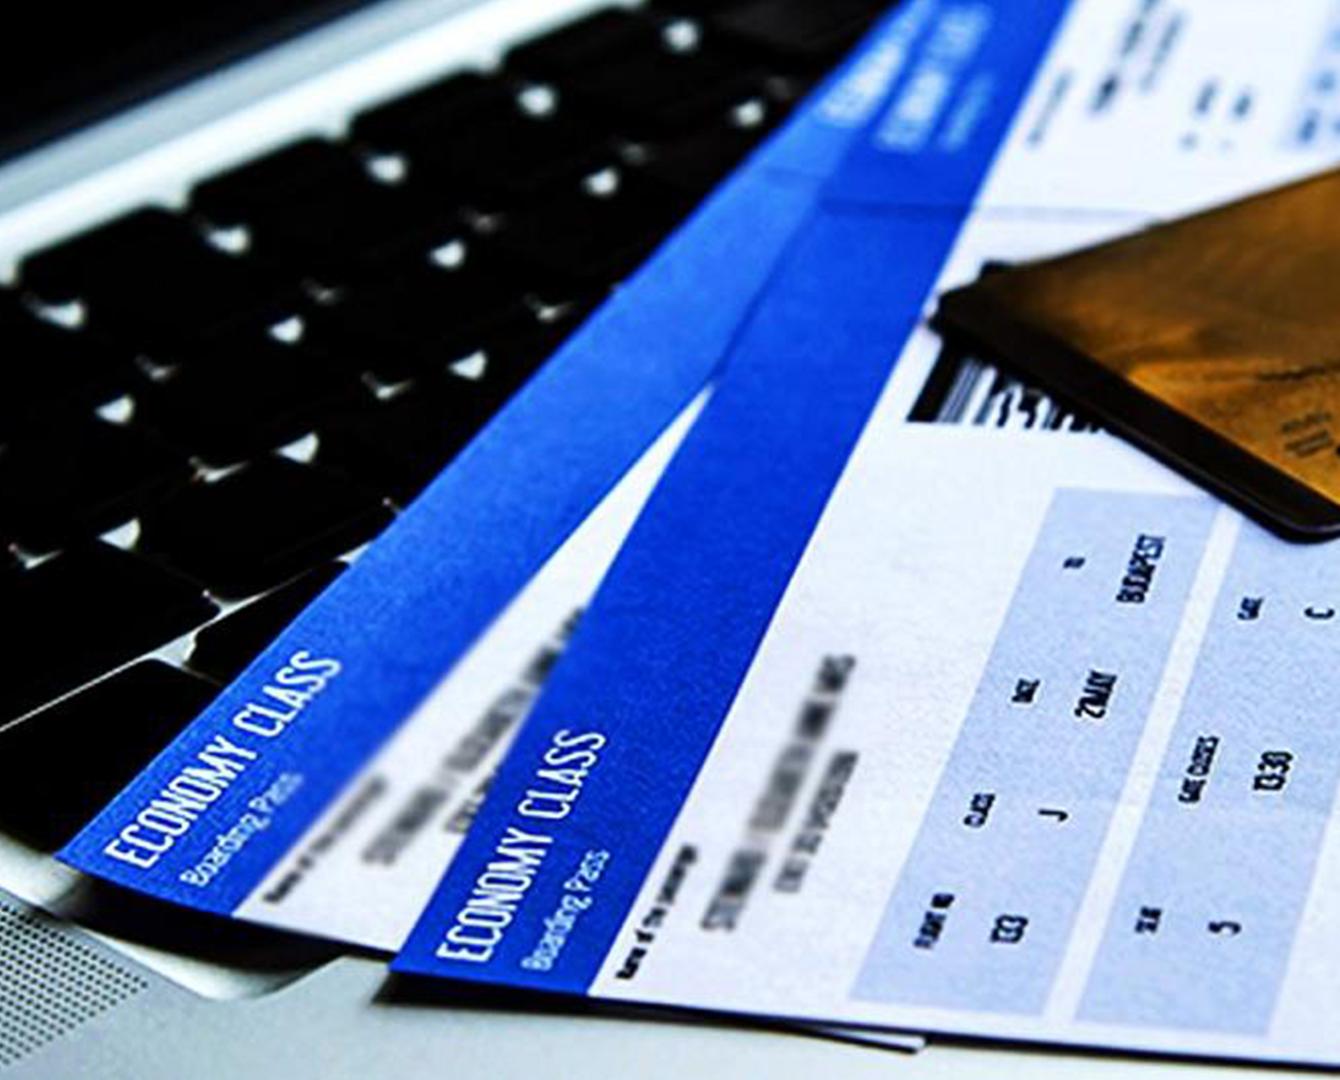 Қазақстанда әуе билеттері арзандауы мүмкін